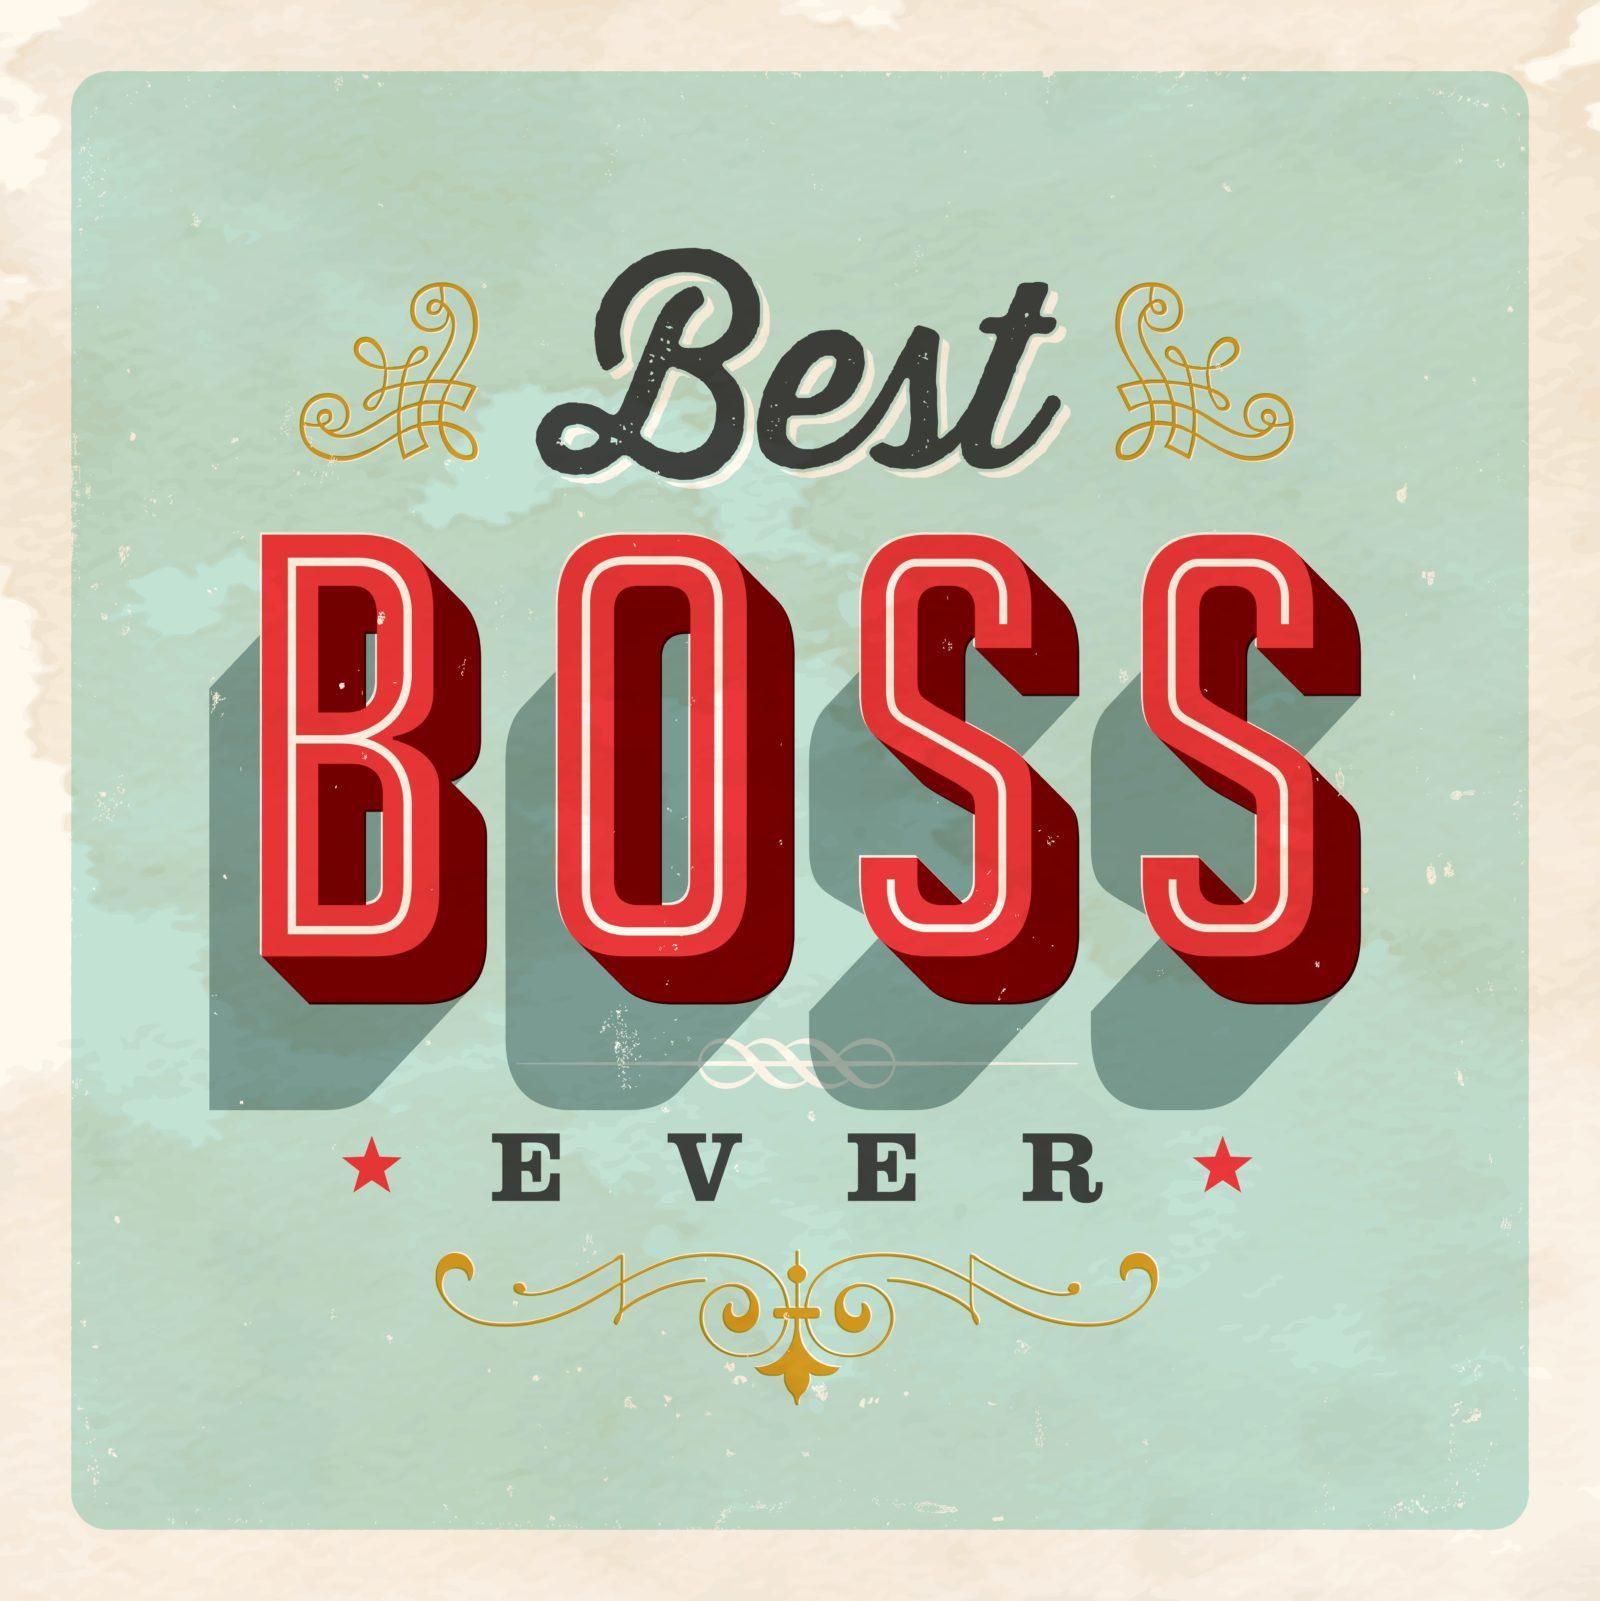 le Lean Management - aSpark Consulting | Lean Management / BEST BOSS EVER!